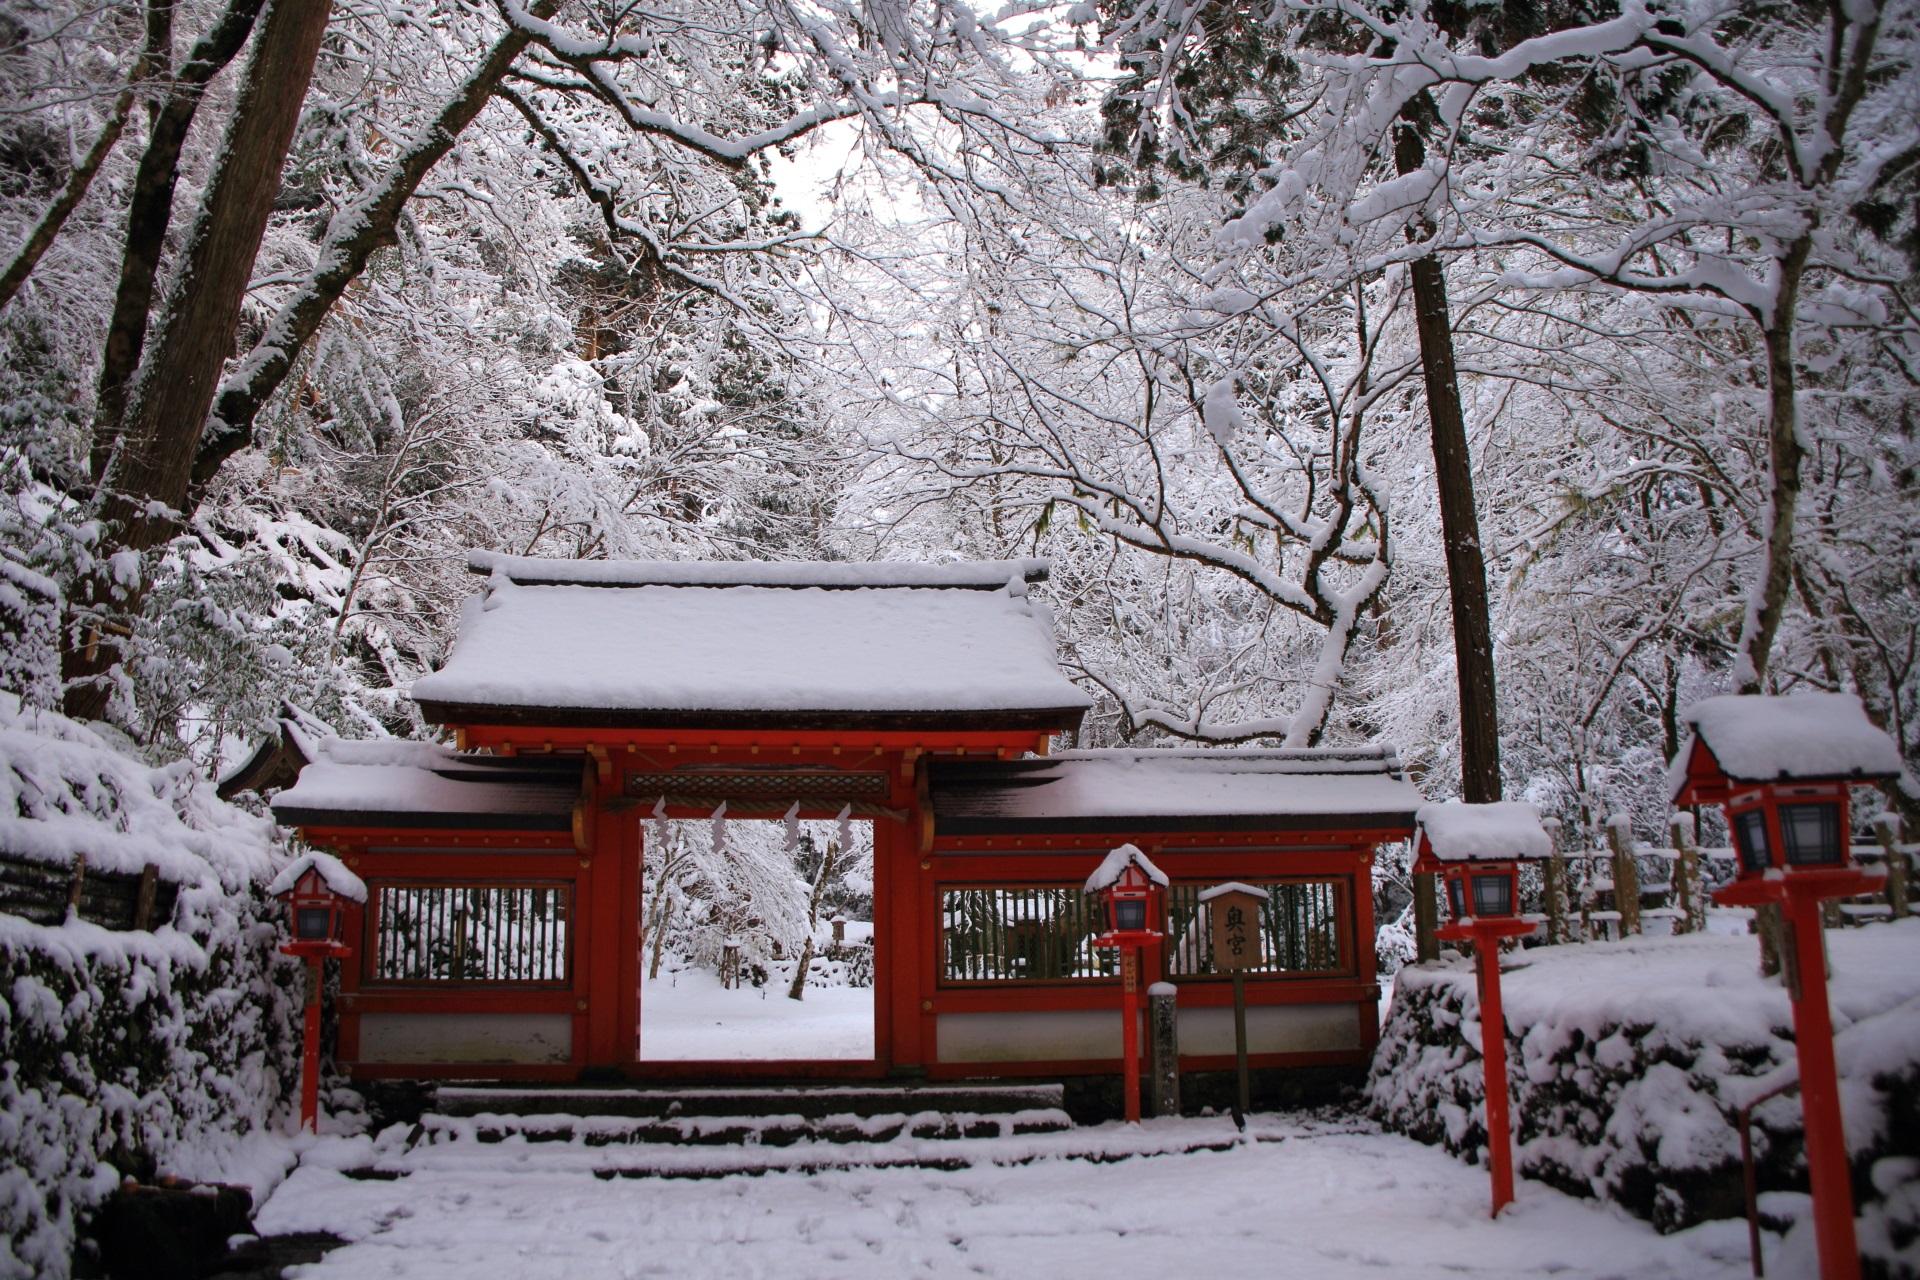 貴船神社の溢れる雪の花につつまれる朱色の門と燈籠